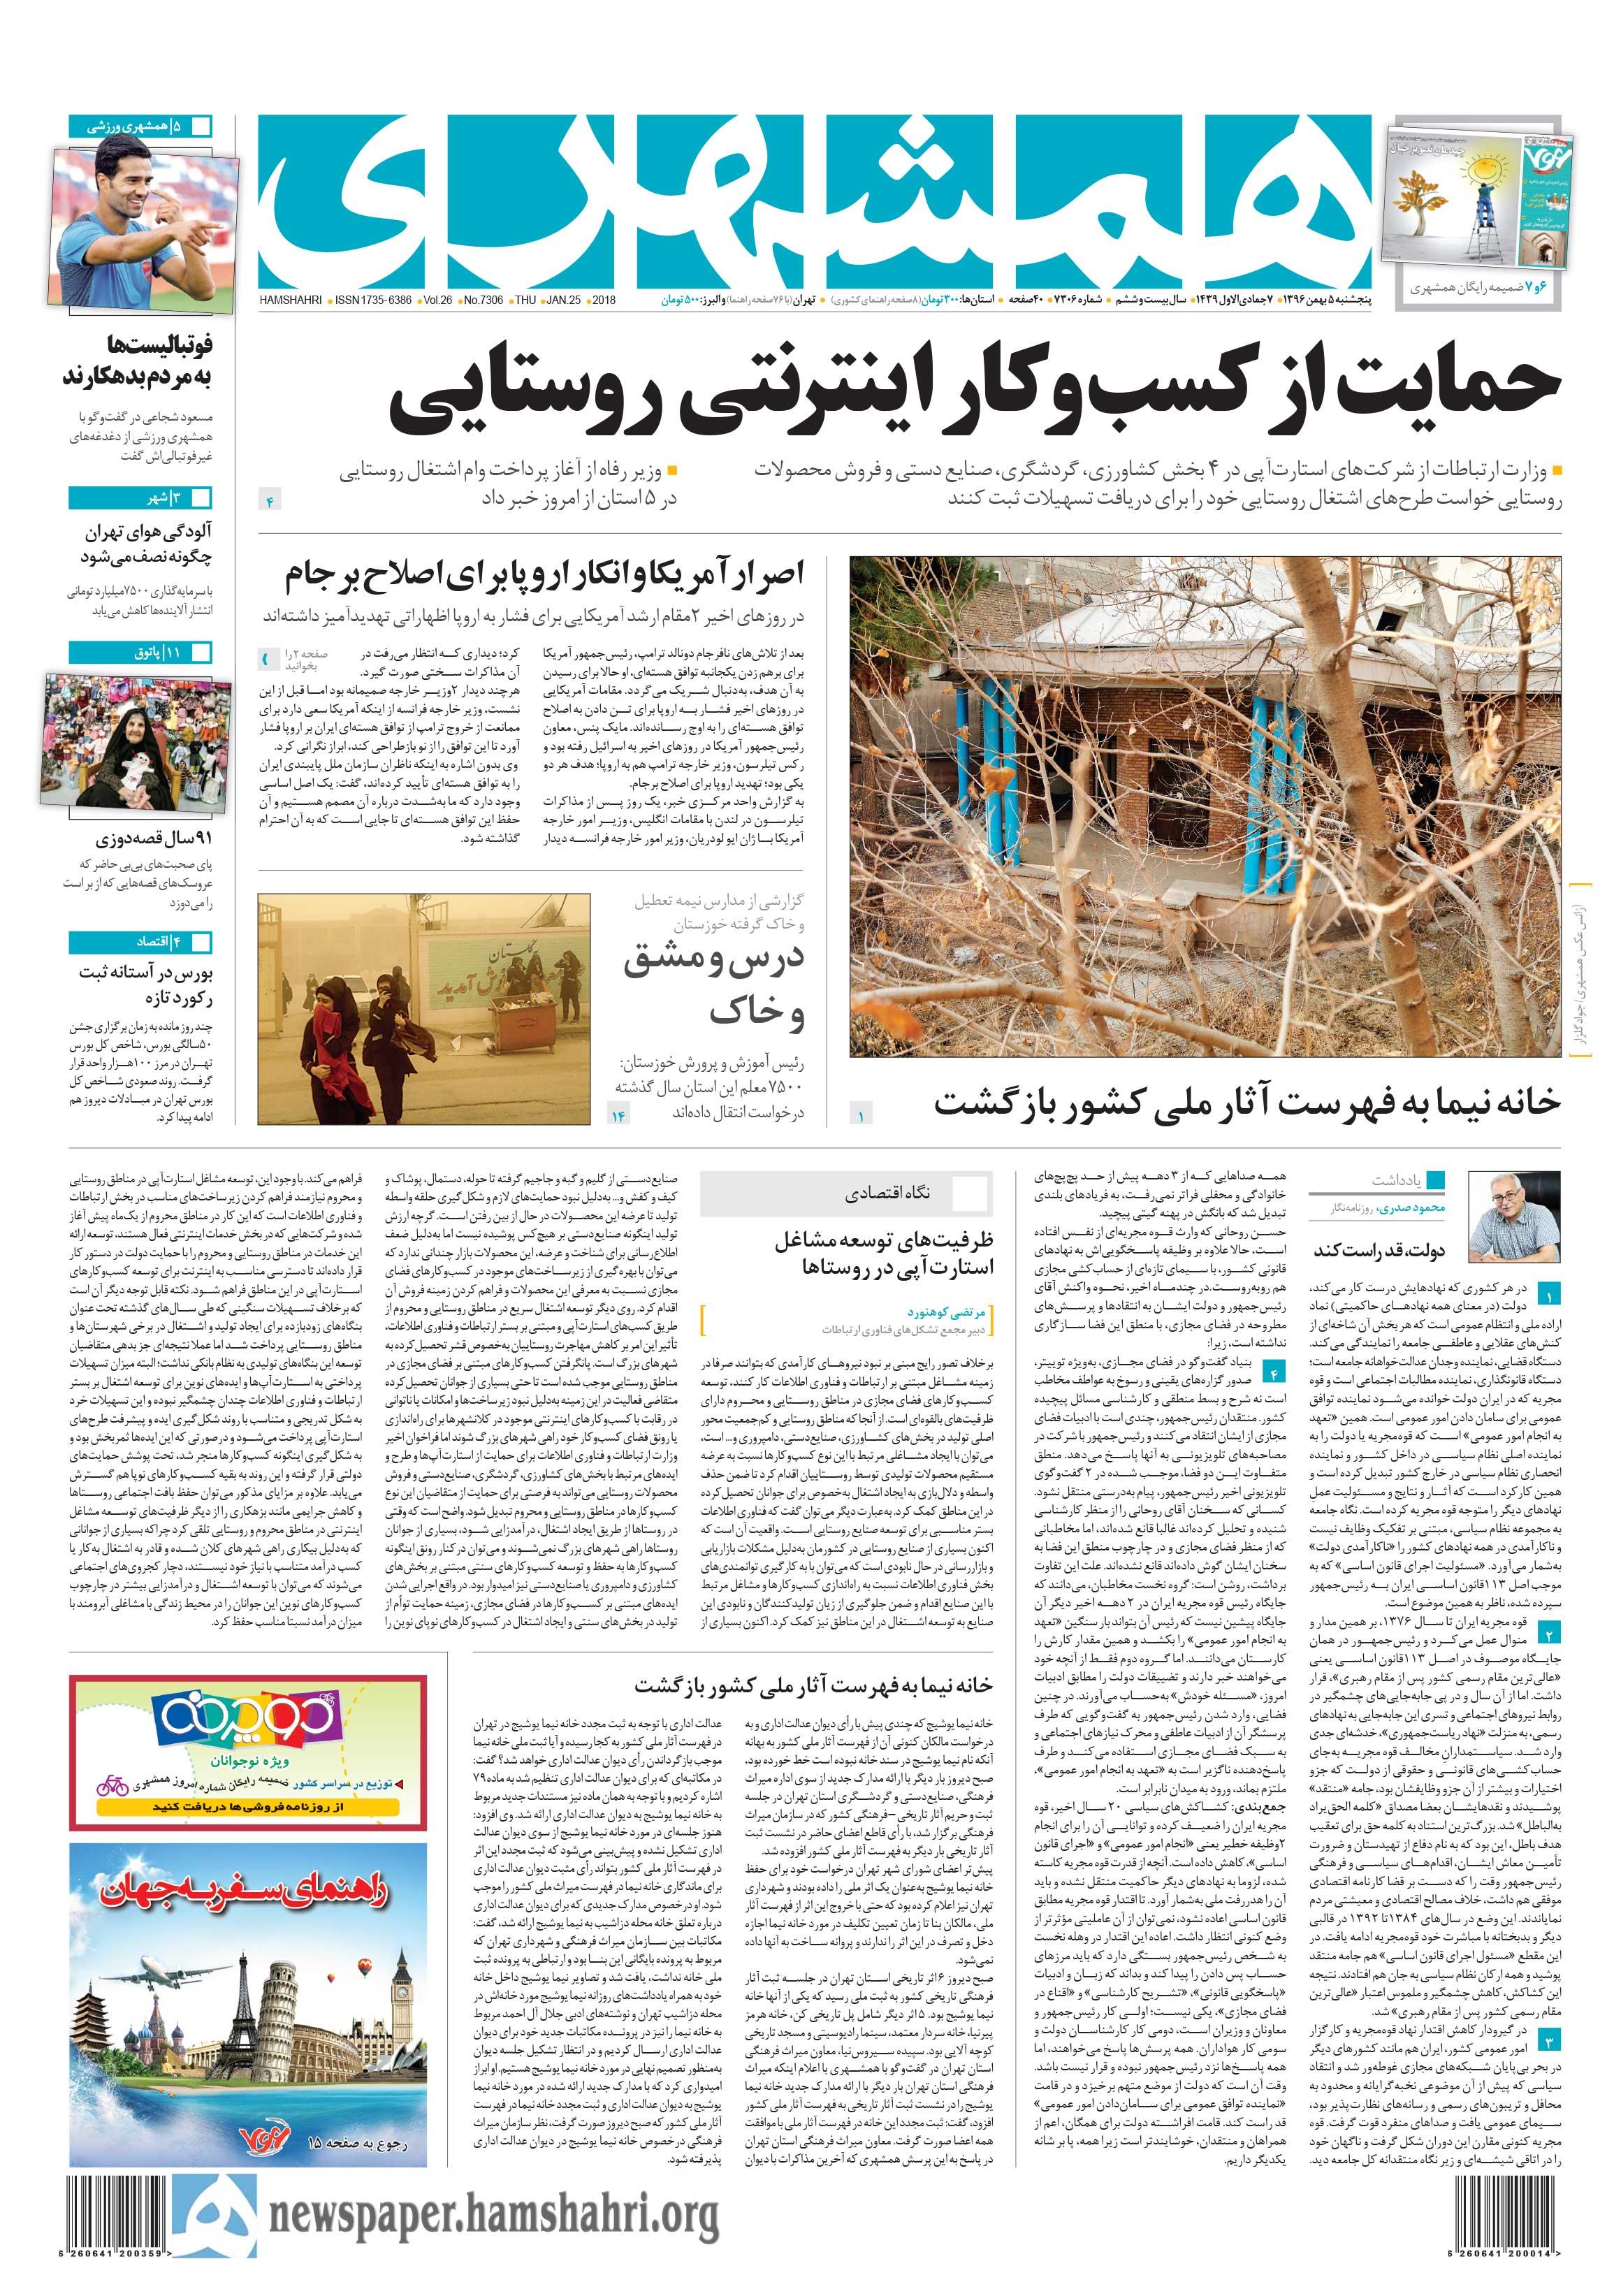 صفحه اول پنجشنبه 5 بهمنماه 1396